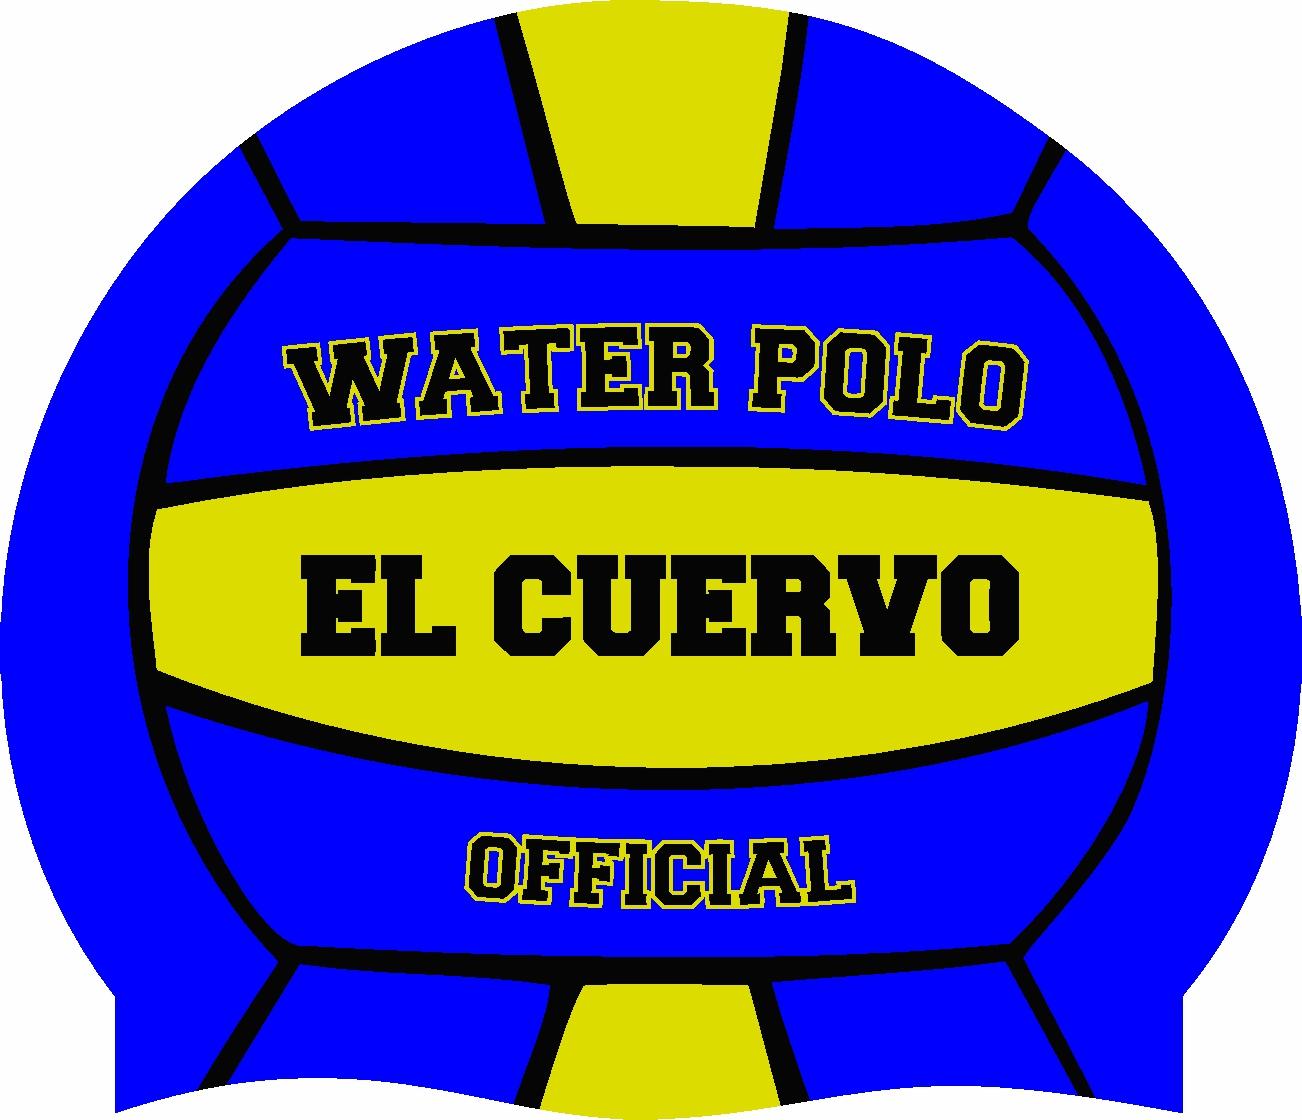 SC WATERPOLO BALL BLUE